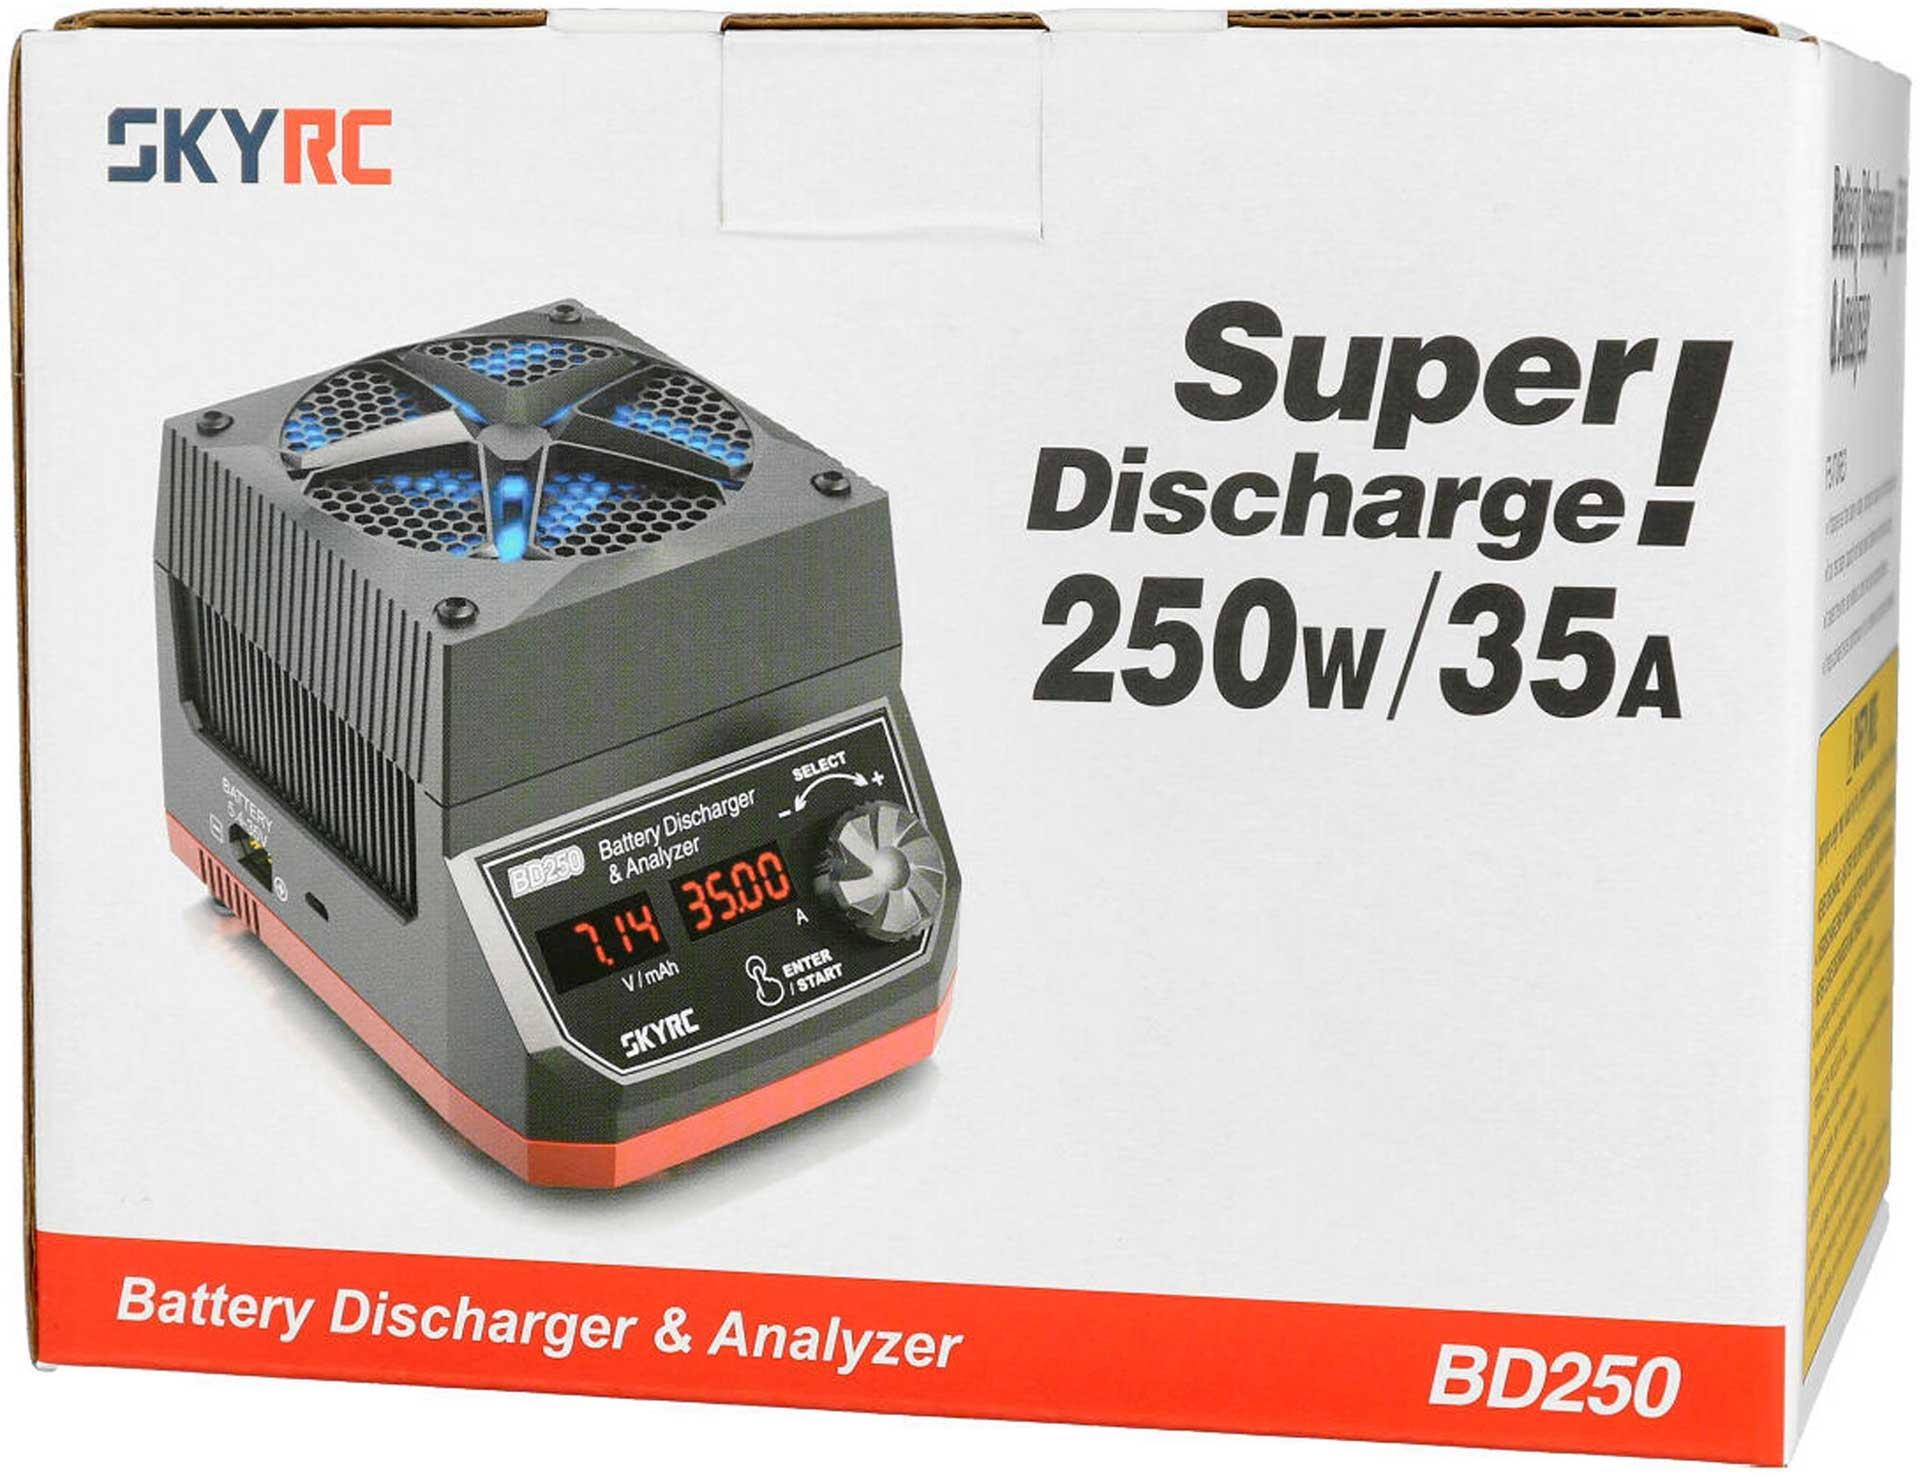 SKYRC BD250 Discharger 35A 250W